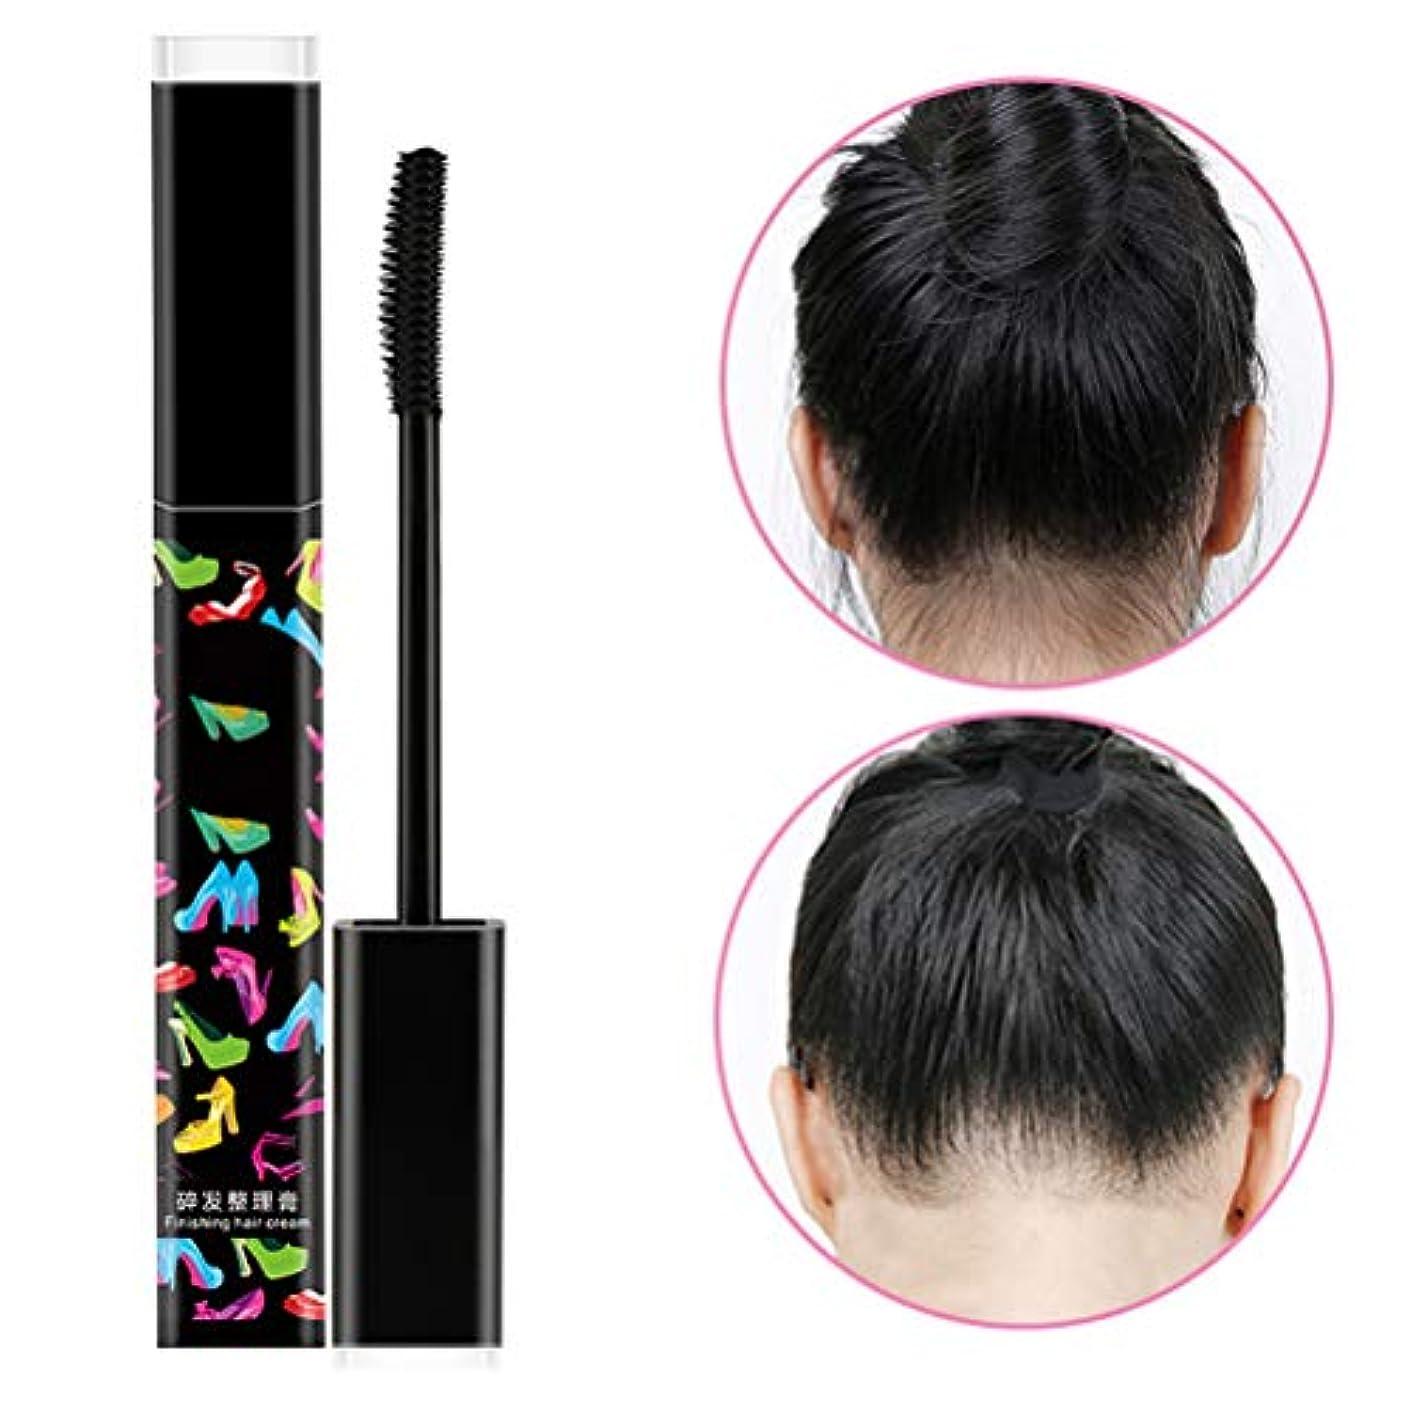 包帯特徴づける引用BSMEAN ヘアフィールスティック、ヘアフィールフィニッシングスティック、小さな壊れたヘアクリームフィニッシングスティック、シェーピングジェルクリームヘアワックススティック固定前髪、シェイプしやすいヘアスタイルヘアワックススティック...